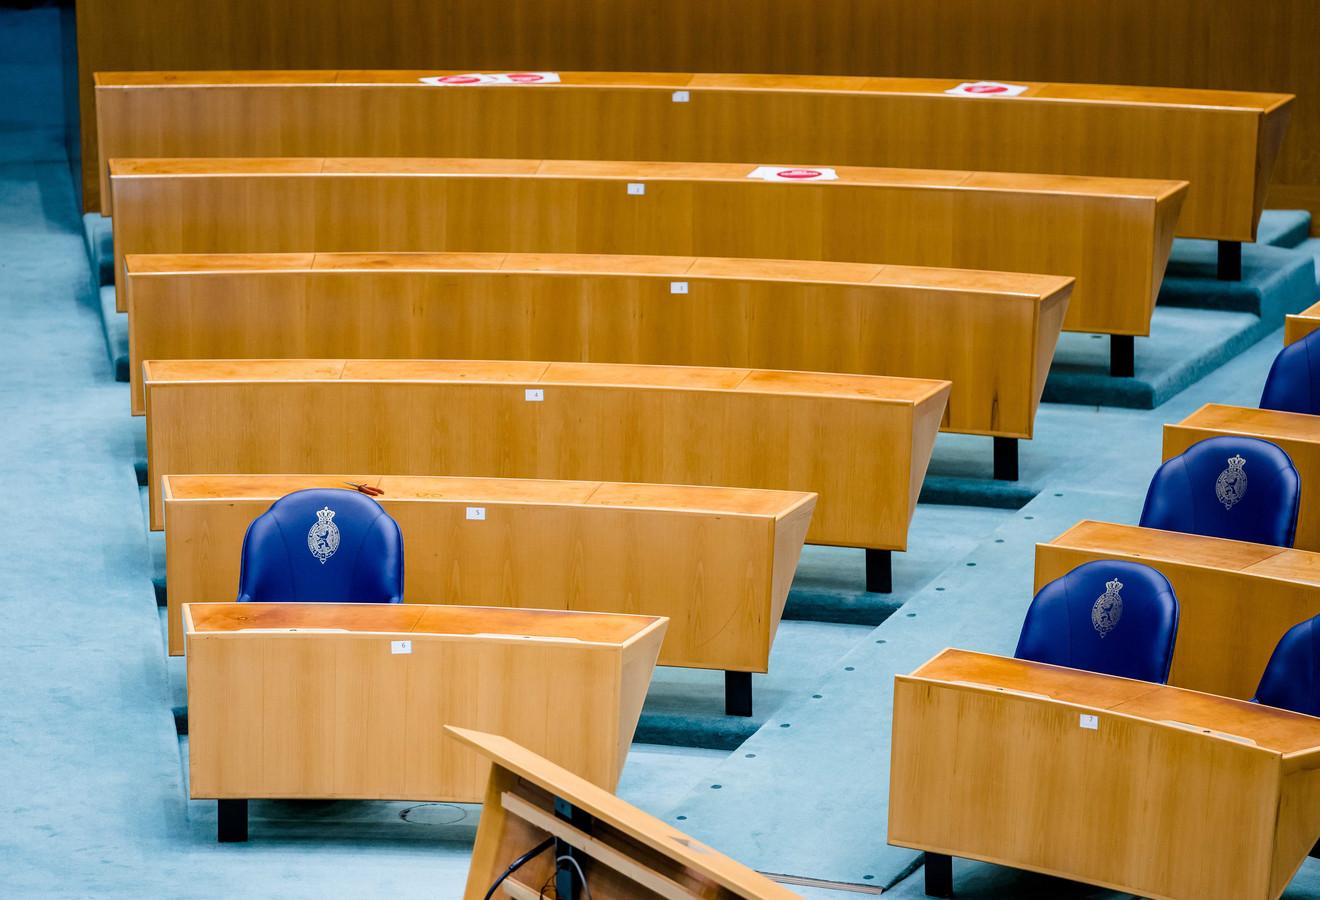 De stoelen van de Tweede Kamerleden worden gedemonteerd in de plenaire zaal. Tijdens het zomerreces verhuist de Tweede Kamer vanwege een verbouwing van het Binnenhof tijdelijk naar de Bezuidenhoutseweg 67, het voormalige ministerie van Buitenlandse Zaken.